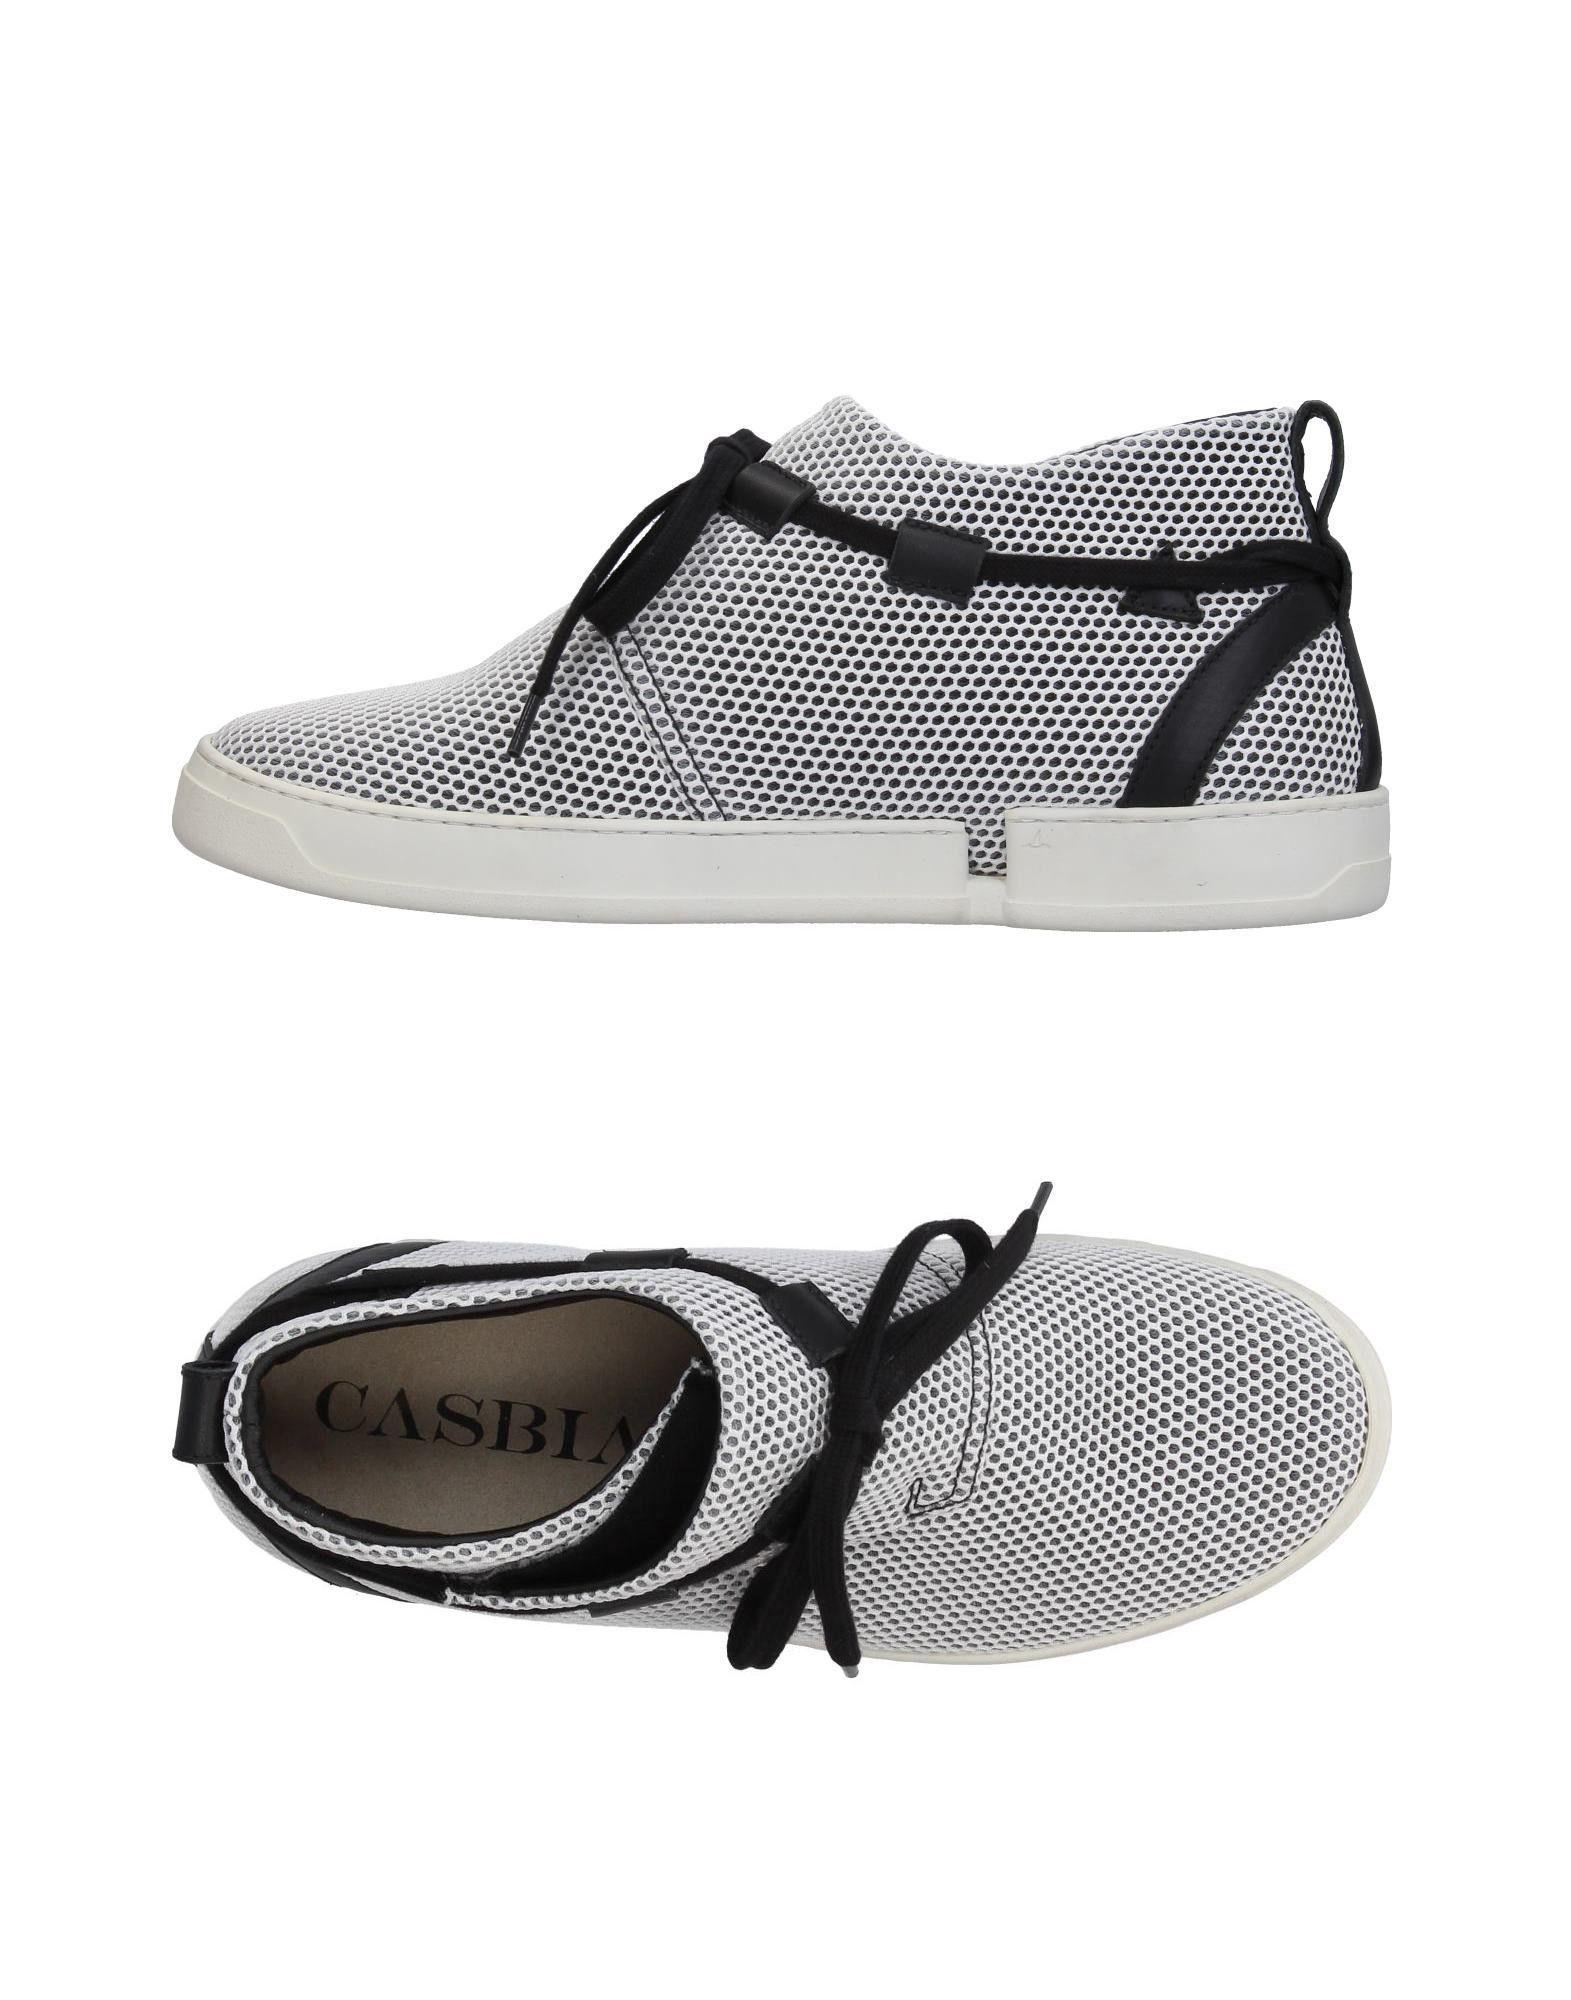 《送料無料》CASBIA メンズ スニーカー&テニスシューズ(ハイカット) ホワイト 40 紡績繊維